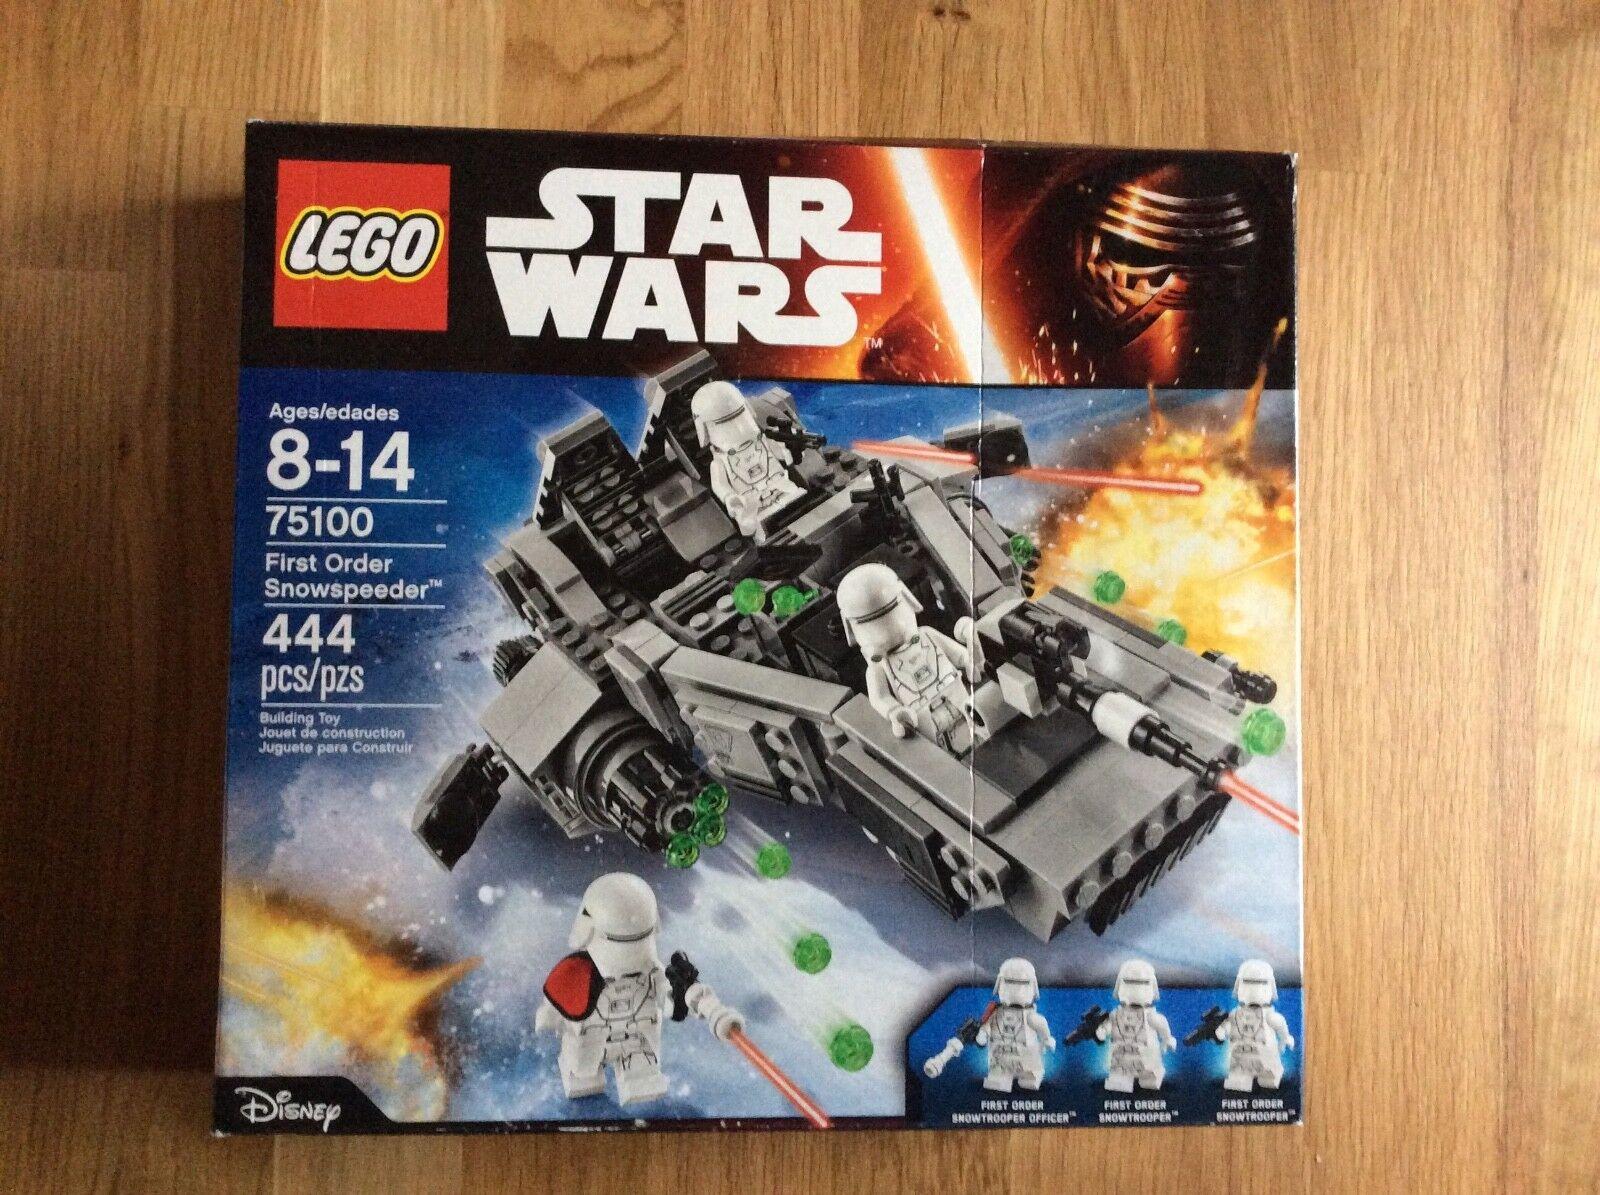 New Lego Star Wars First Order Snowspeeder Set 75100 Sealed Damaged Box